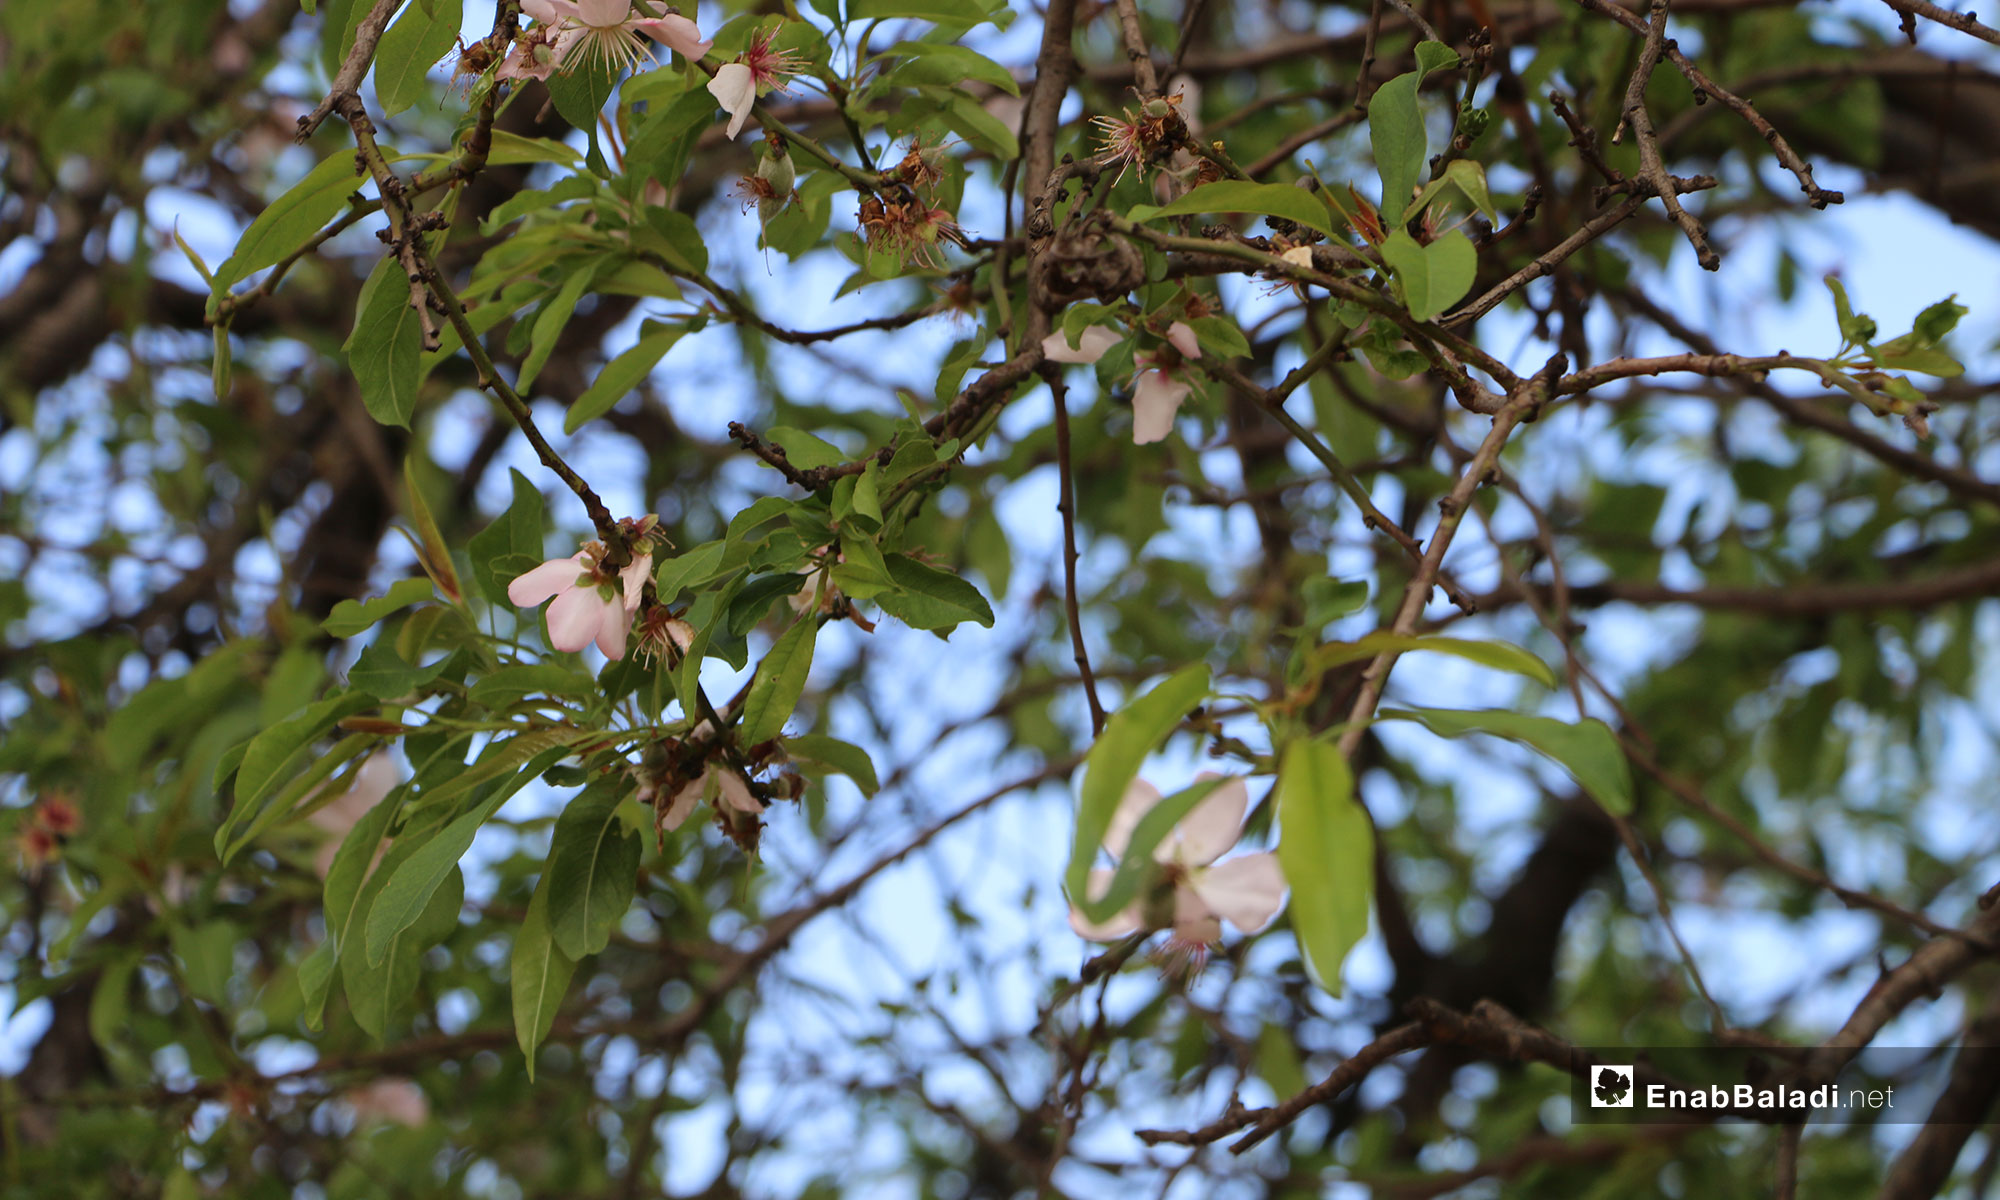 تفتح أزهار شجرة اللوز في ريف حلب الشمالي - 10 من نيسان 2019 (عنب بلدي)